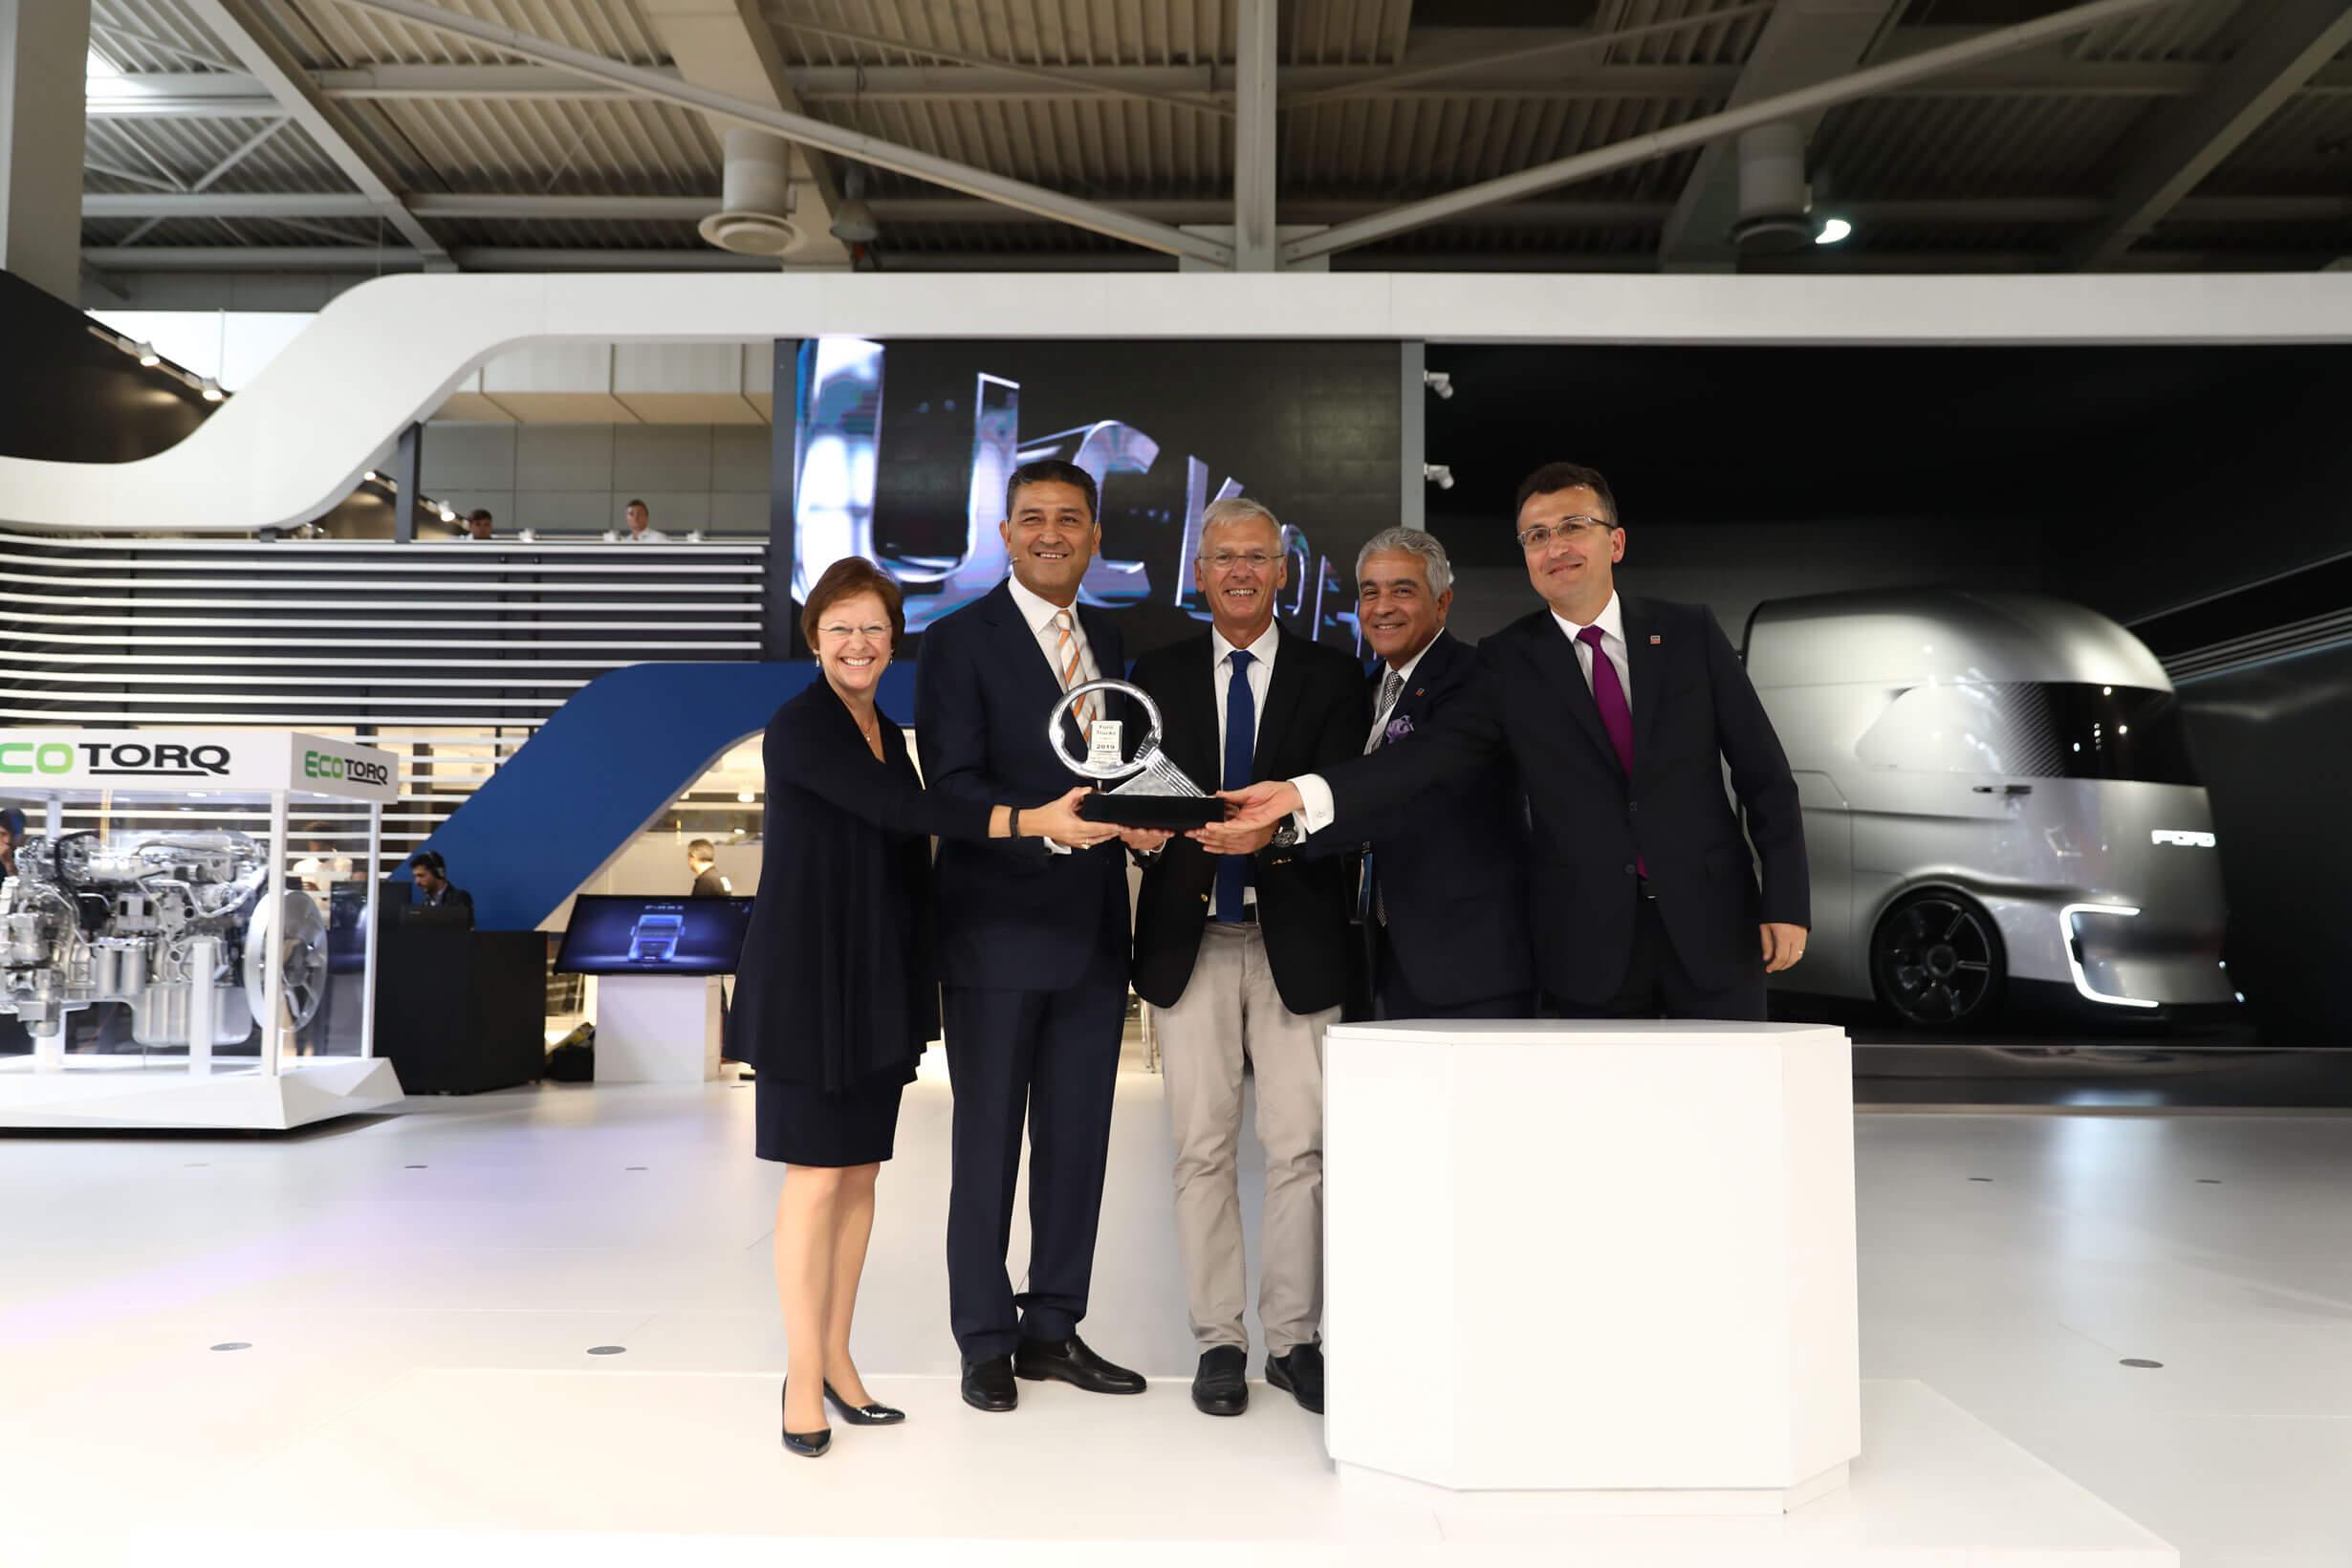 Lansarea Noului AutoTractor Ford Trucks Câștigătorul International Truck of the Year 2019 (ITOY) Ford Trucks F-MAX - Confort, Putere, Eficiență și Tehnologie de Ultimă Oră - 1